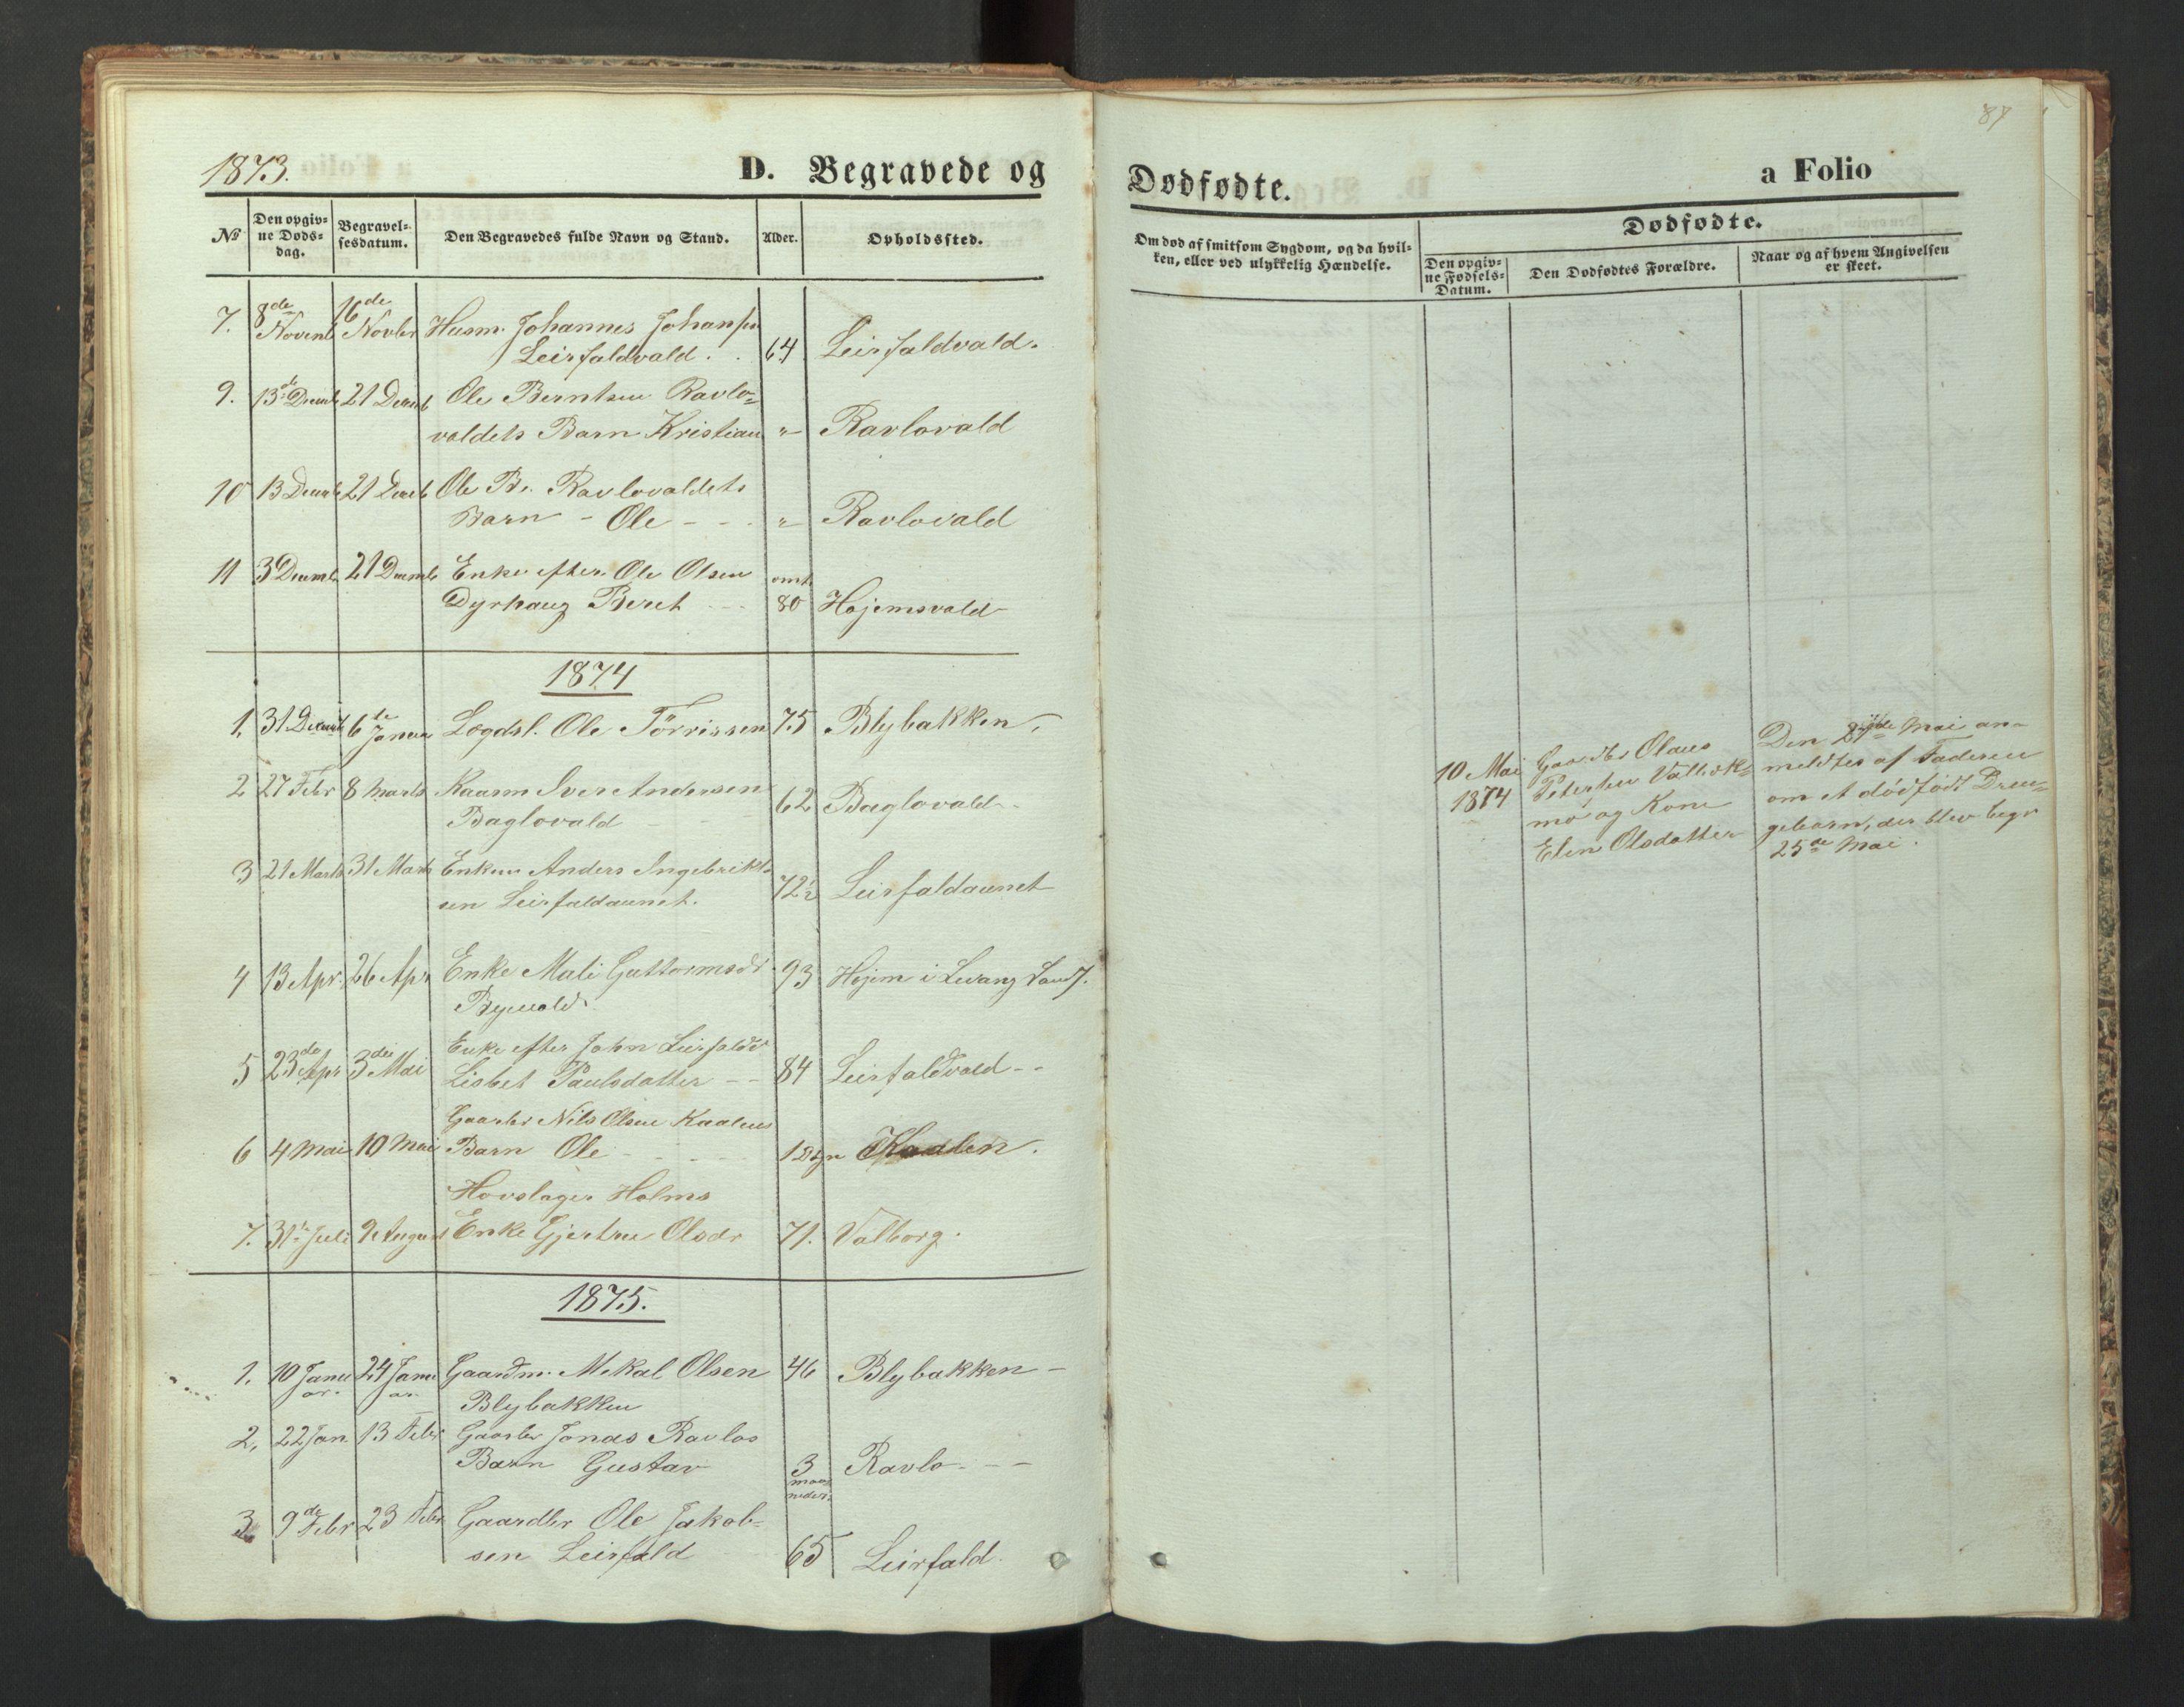 SAT, Ministerialprotokoller, klokkerbøker og fødselsregistre - Nord-Trøndelag, 726/L0271: Klokkerbok nr. 726C02, 1869-1897, s. 87